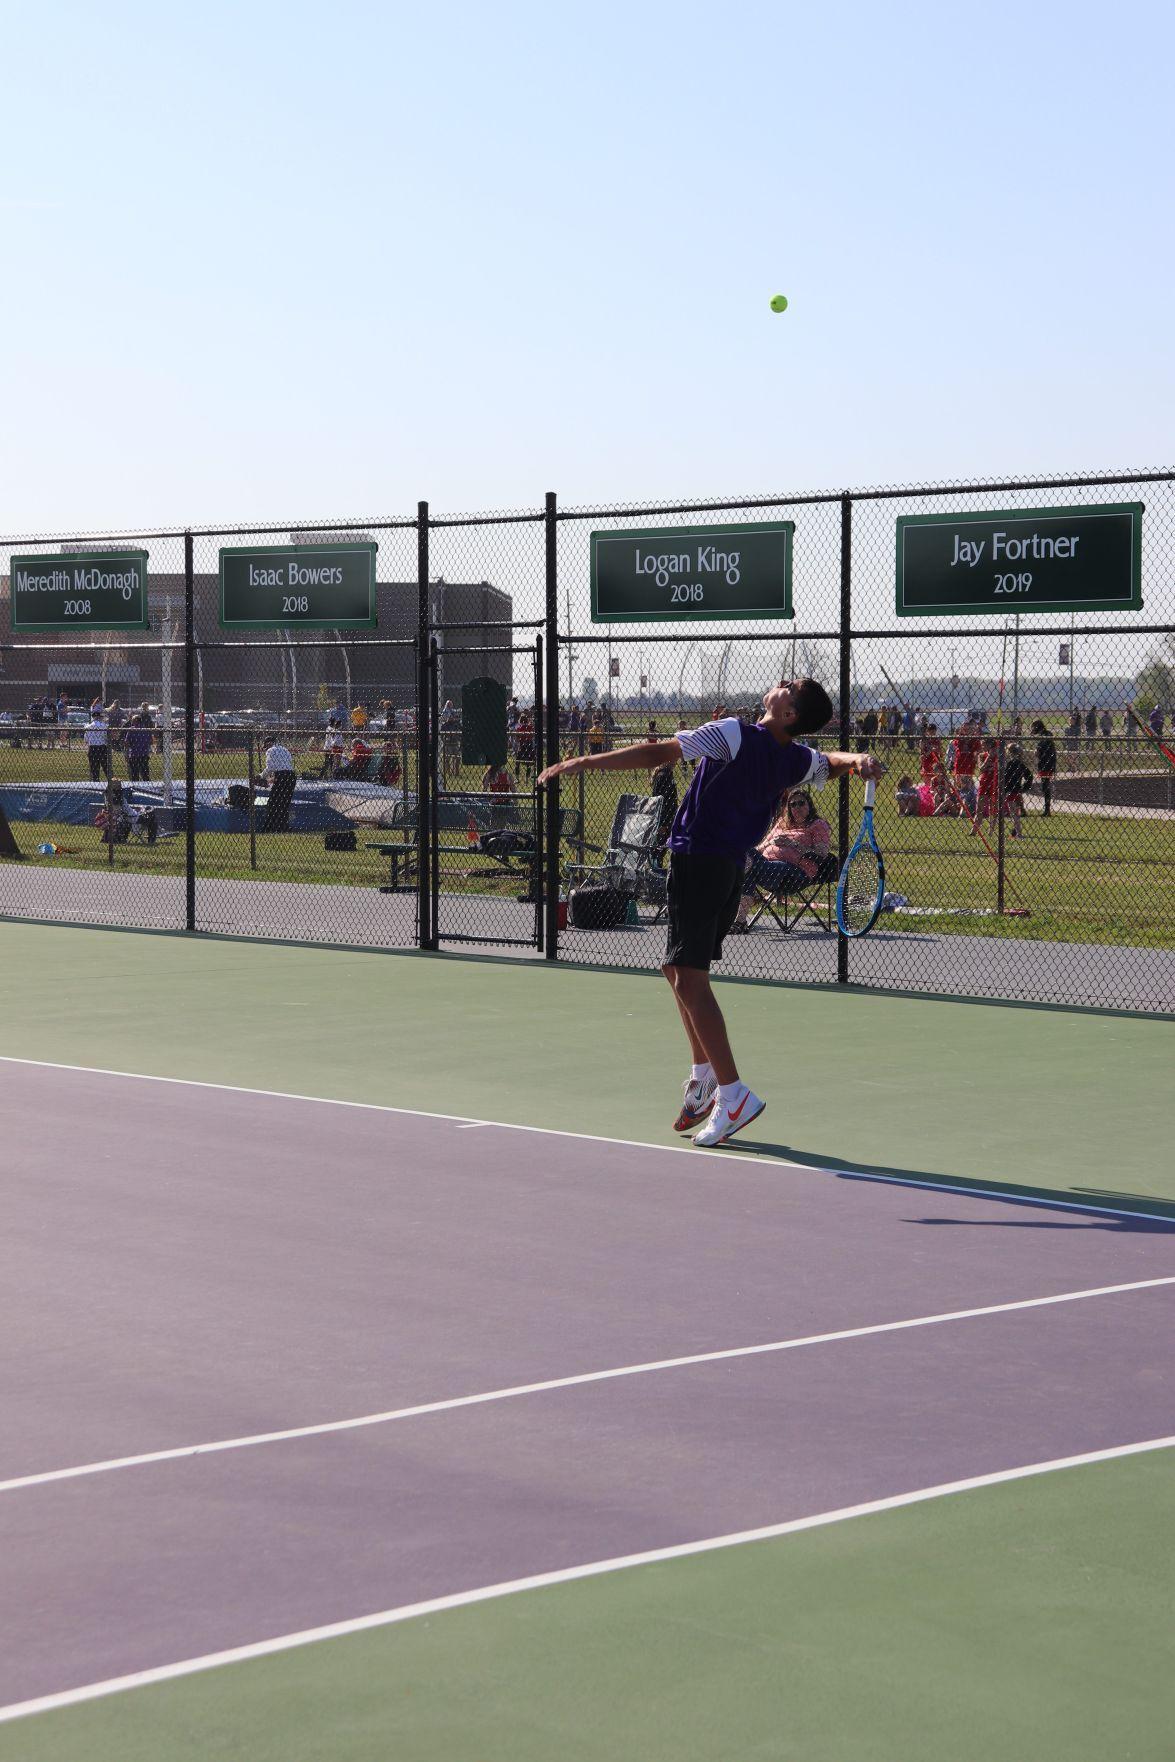 052521_cno_fortner tennis.jpg